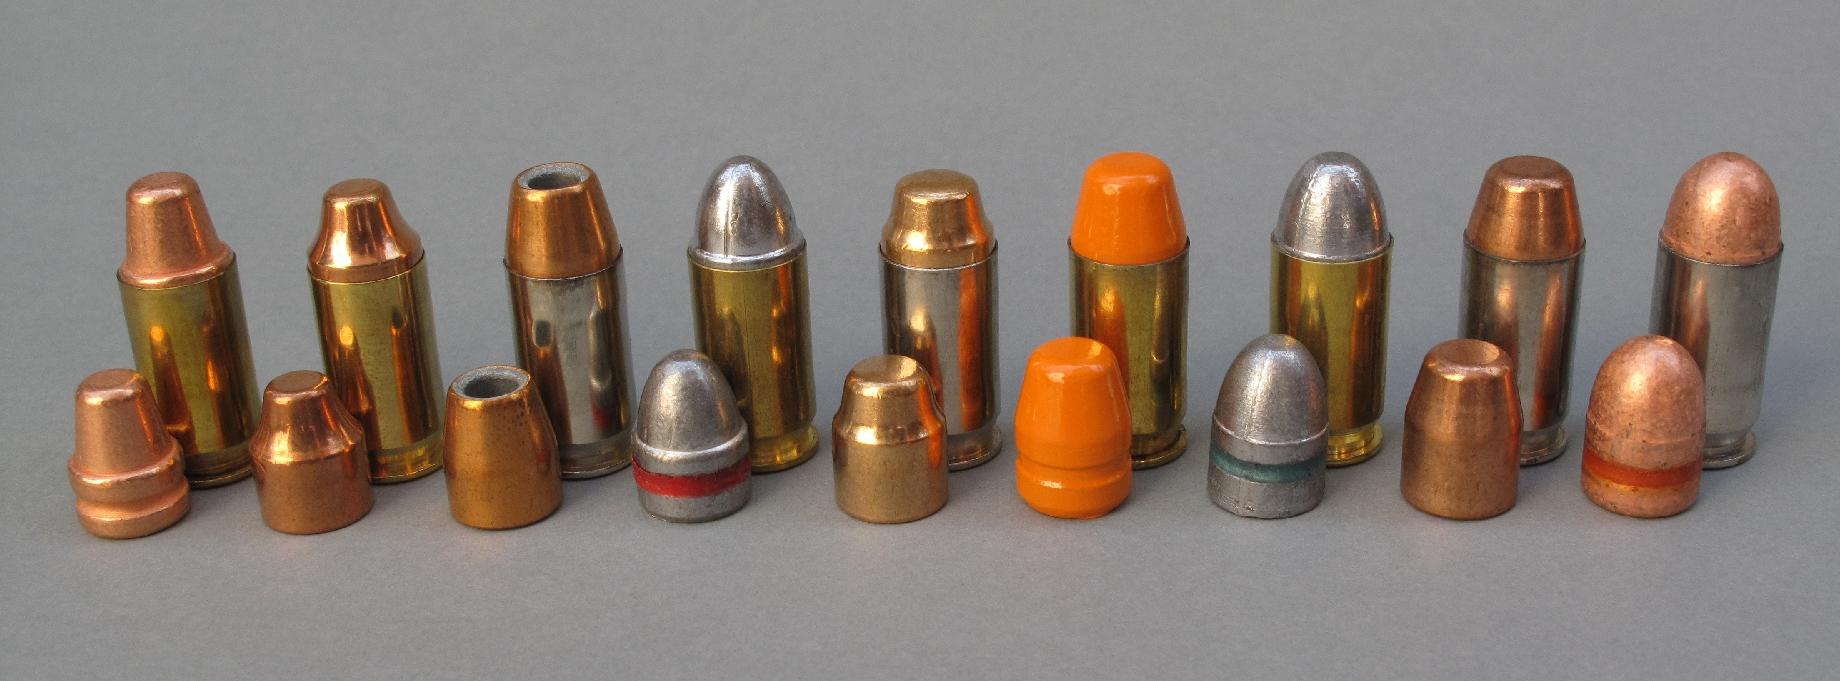 Quelques unes des cartouches que nous avons rechargées pour ce banc d'essai, accompagnées par leur projectile (de gauche à droite) : - MPF 185 grains SWC-TML cuivrée ; - IMI 185 grains SWC blindée ; - Sierra 185 grains ACP Hollow Cavity ; - MPF 200 grains Lead RN ; - Fiocchi 200 grains SWC blindée ; - Ares 225 grains peinture époxy ; - Balleurope 230 grains Lead RN ; - Hornady 230 grains FMJ-FN ; - MPF 234 grains RN cuivrée graissée.